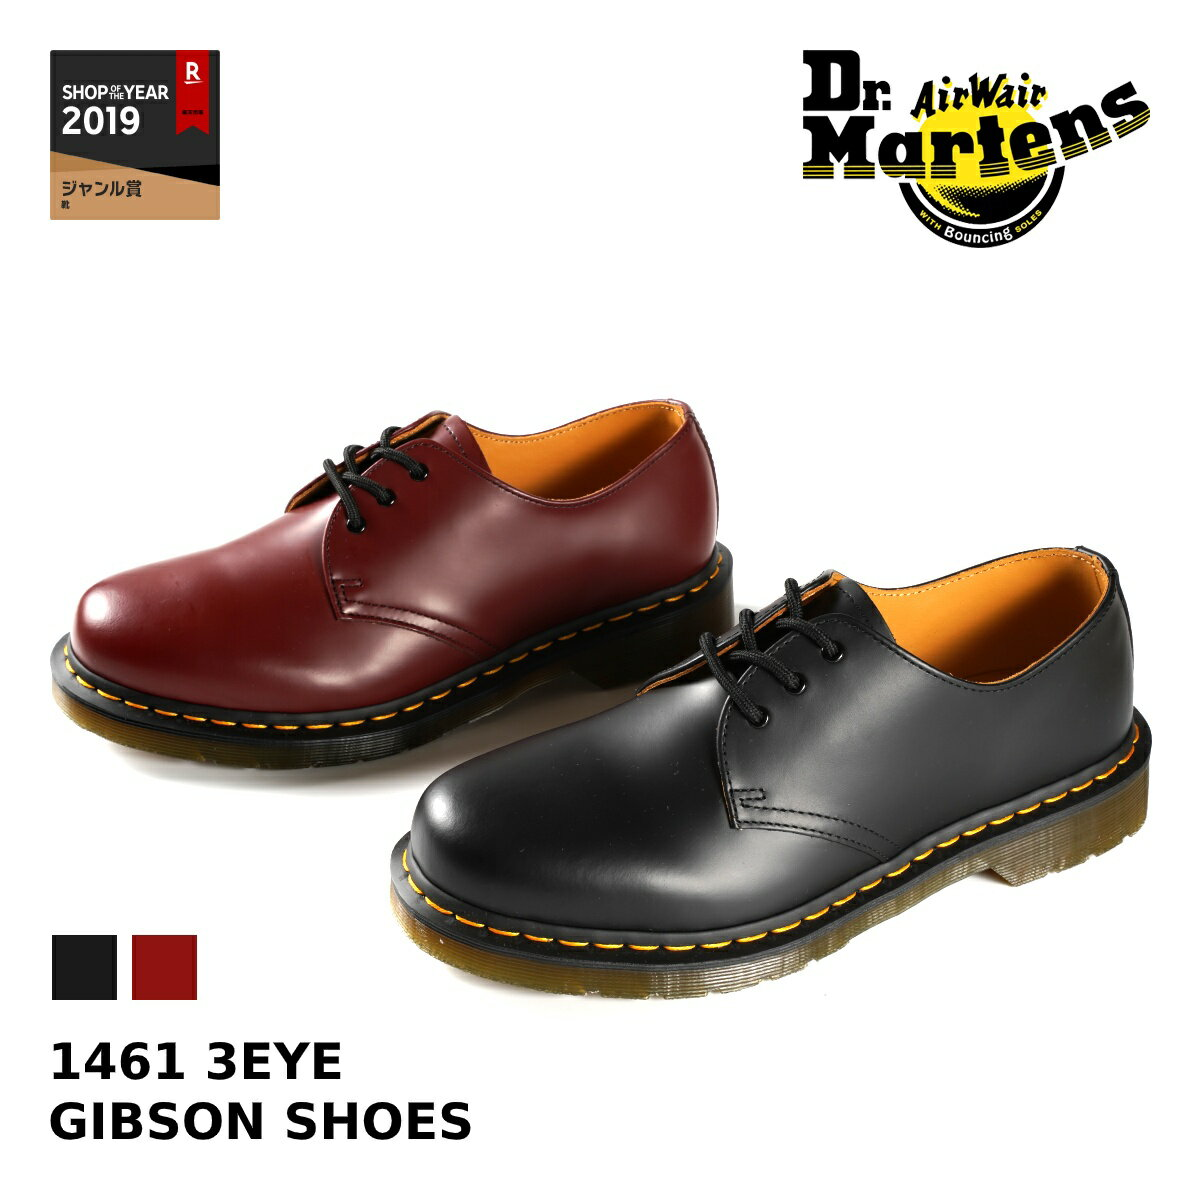 Dr.Martens 1461 3EYE GIBSON SHOES 【メンズ】【レディース】ドクター マーチン 3アイレット ギブソンシュー 3ホール BLACK(11838002)/ CHERRY(11838600)